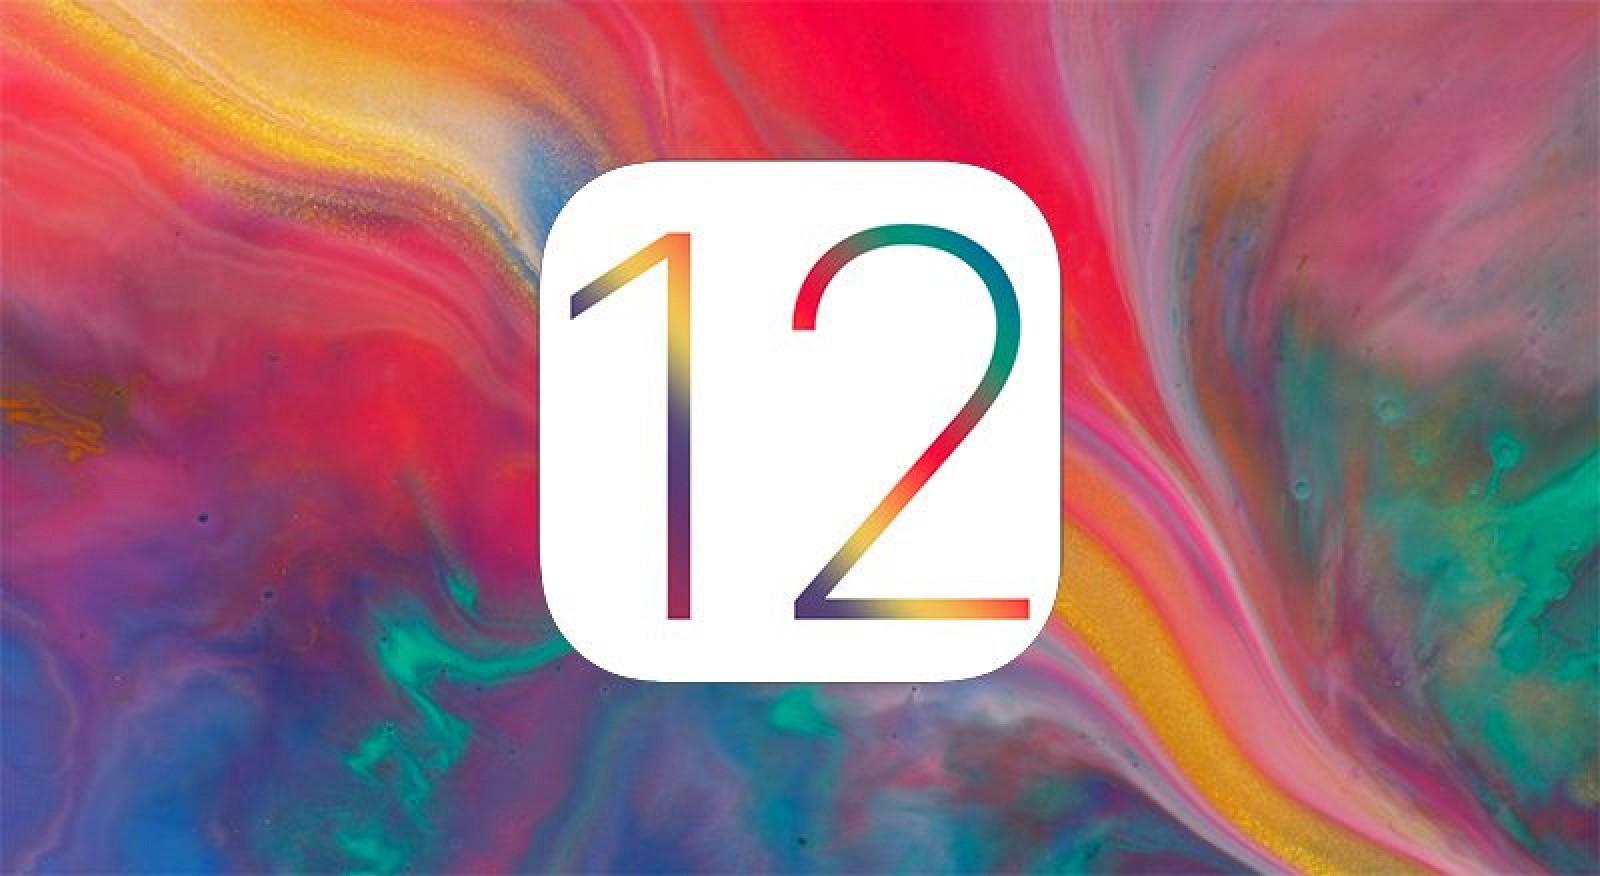 обновление ios 12 0 1 отзывы